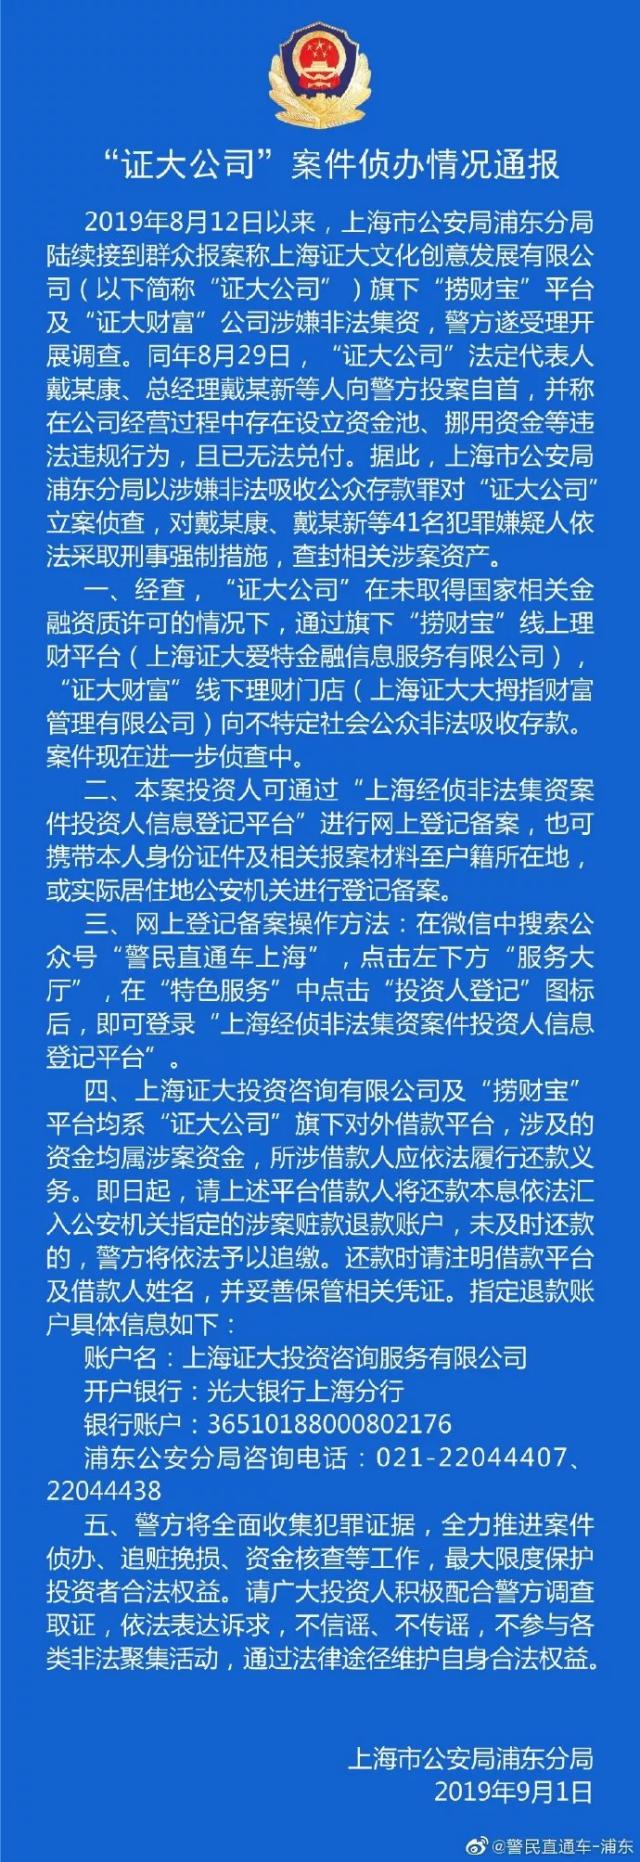 涉嫌非法吸收公众存款,上海滩百亿级大佬自首!3天前还承诺:不跑路、不失联